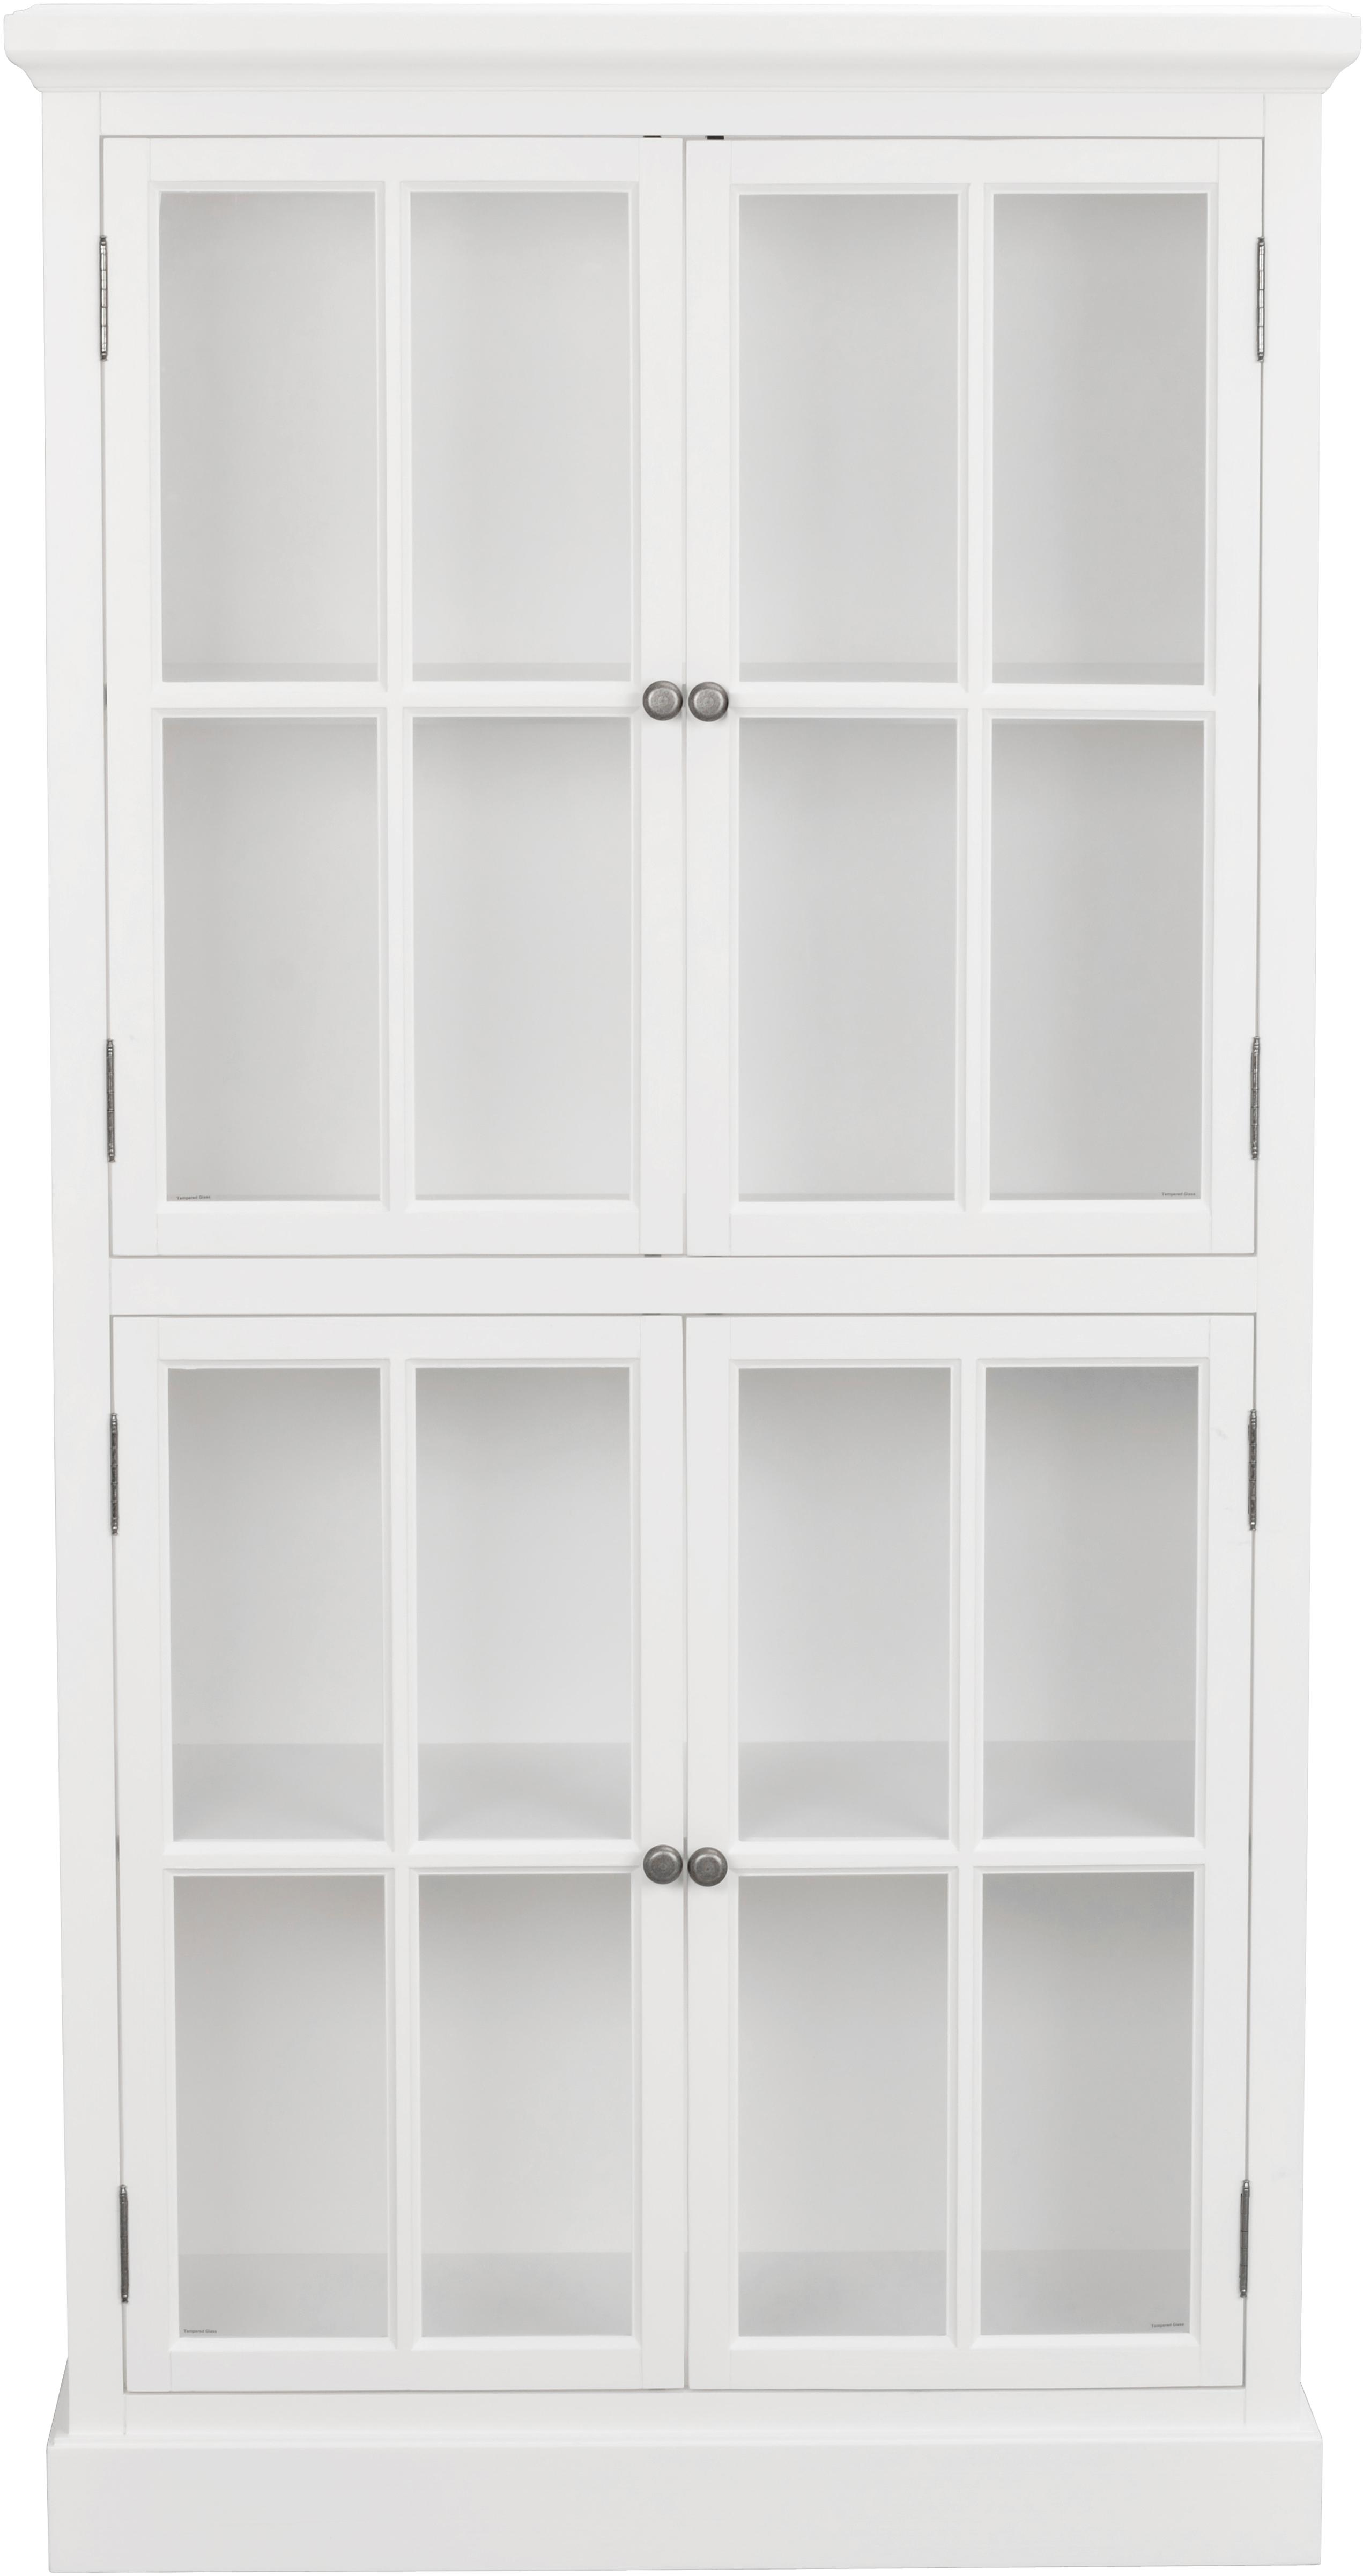 Glasvitrine Lorient in Weiß, Kiefernholz, lackiert, Mitteldichte Holzfaserplatte (MDF), Weiß, 95 x 185 cm